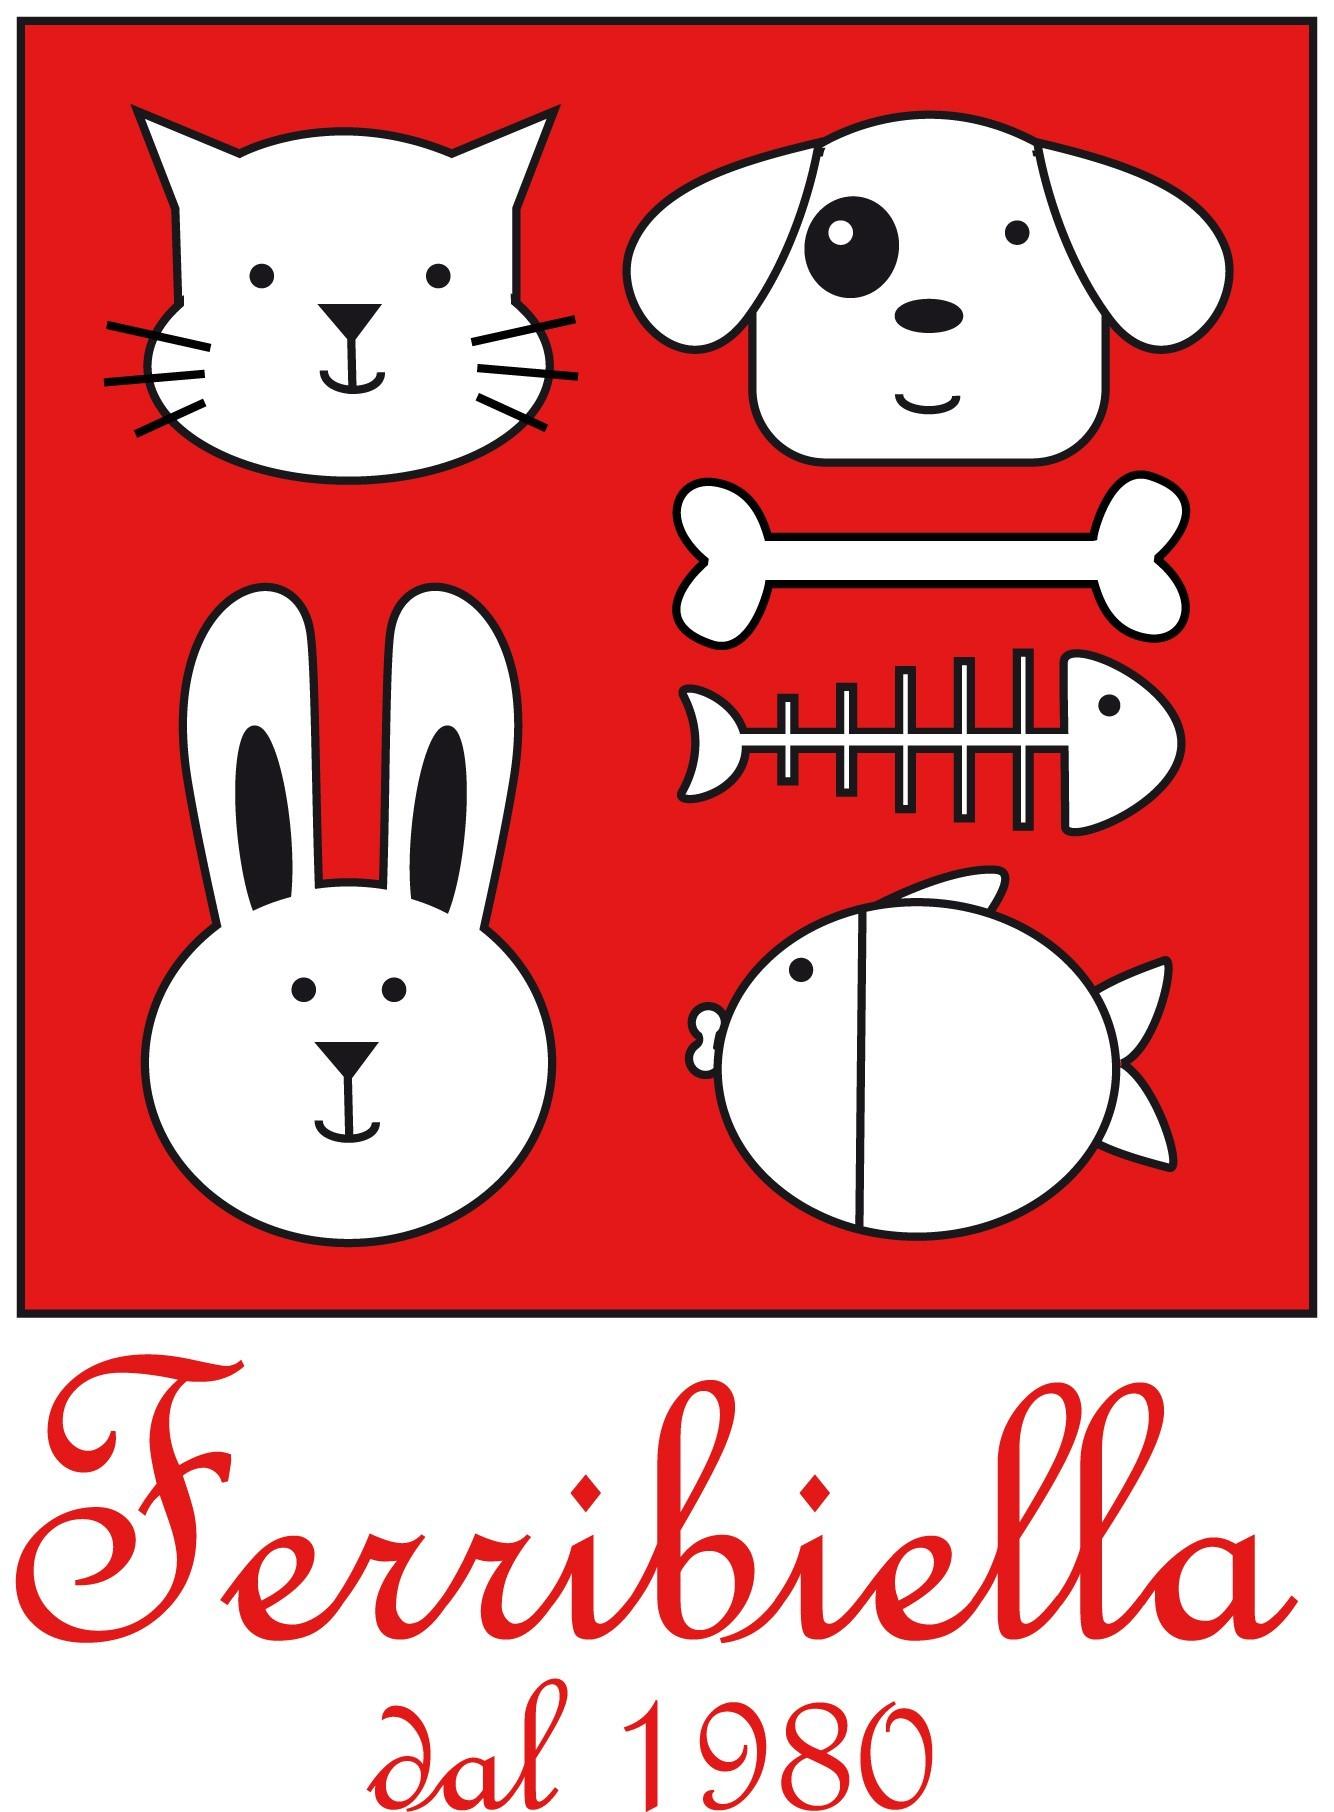 Ferribiella